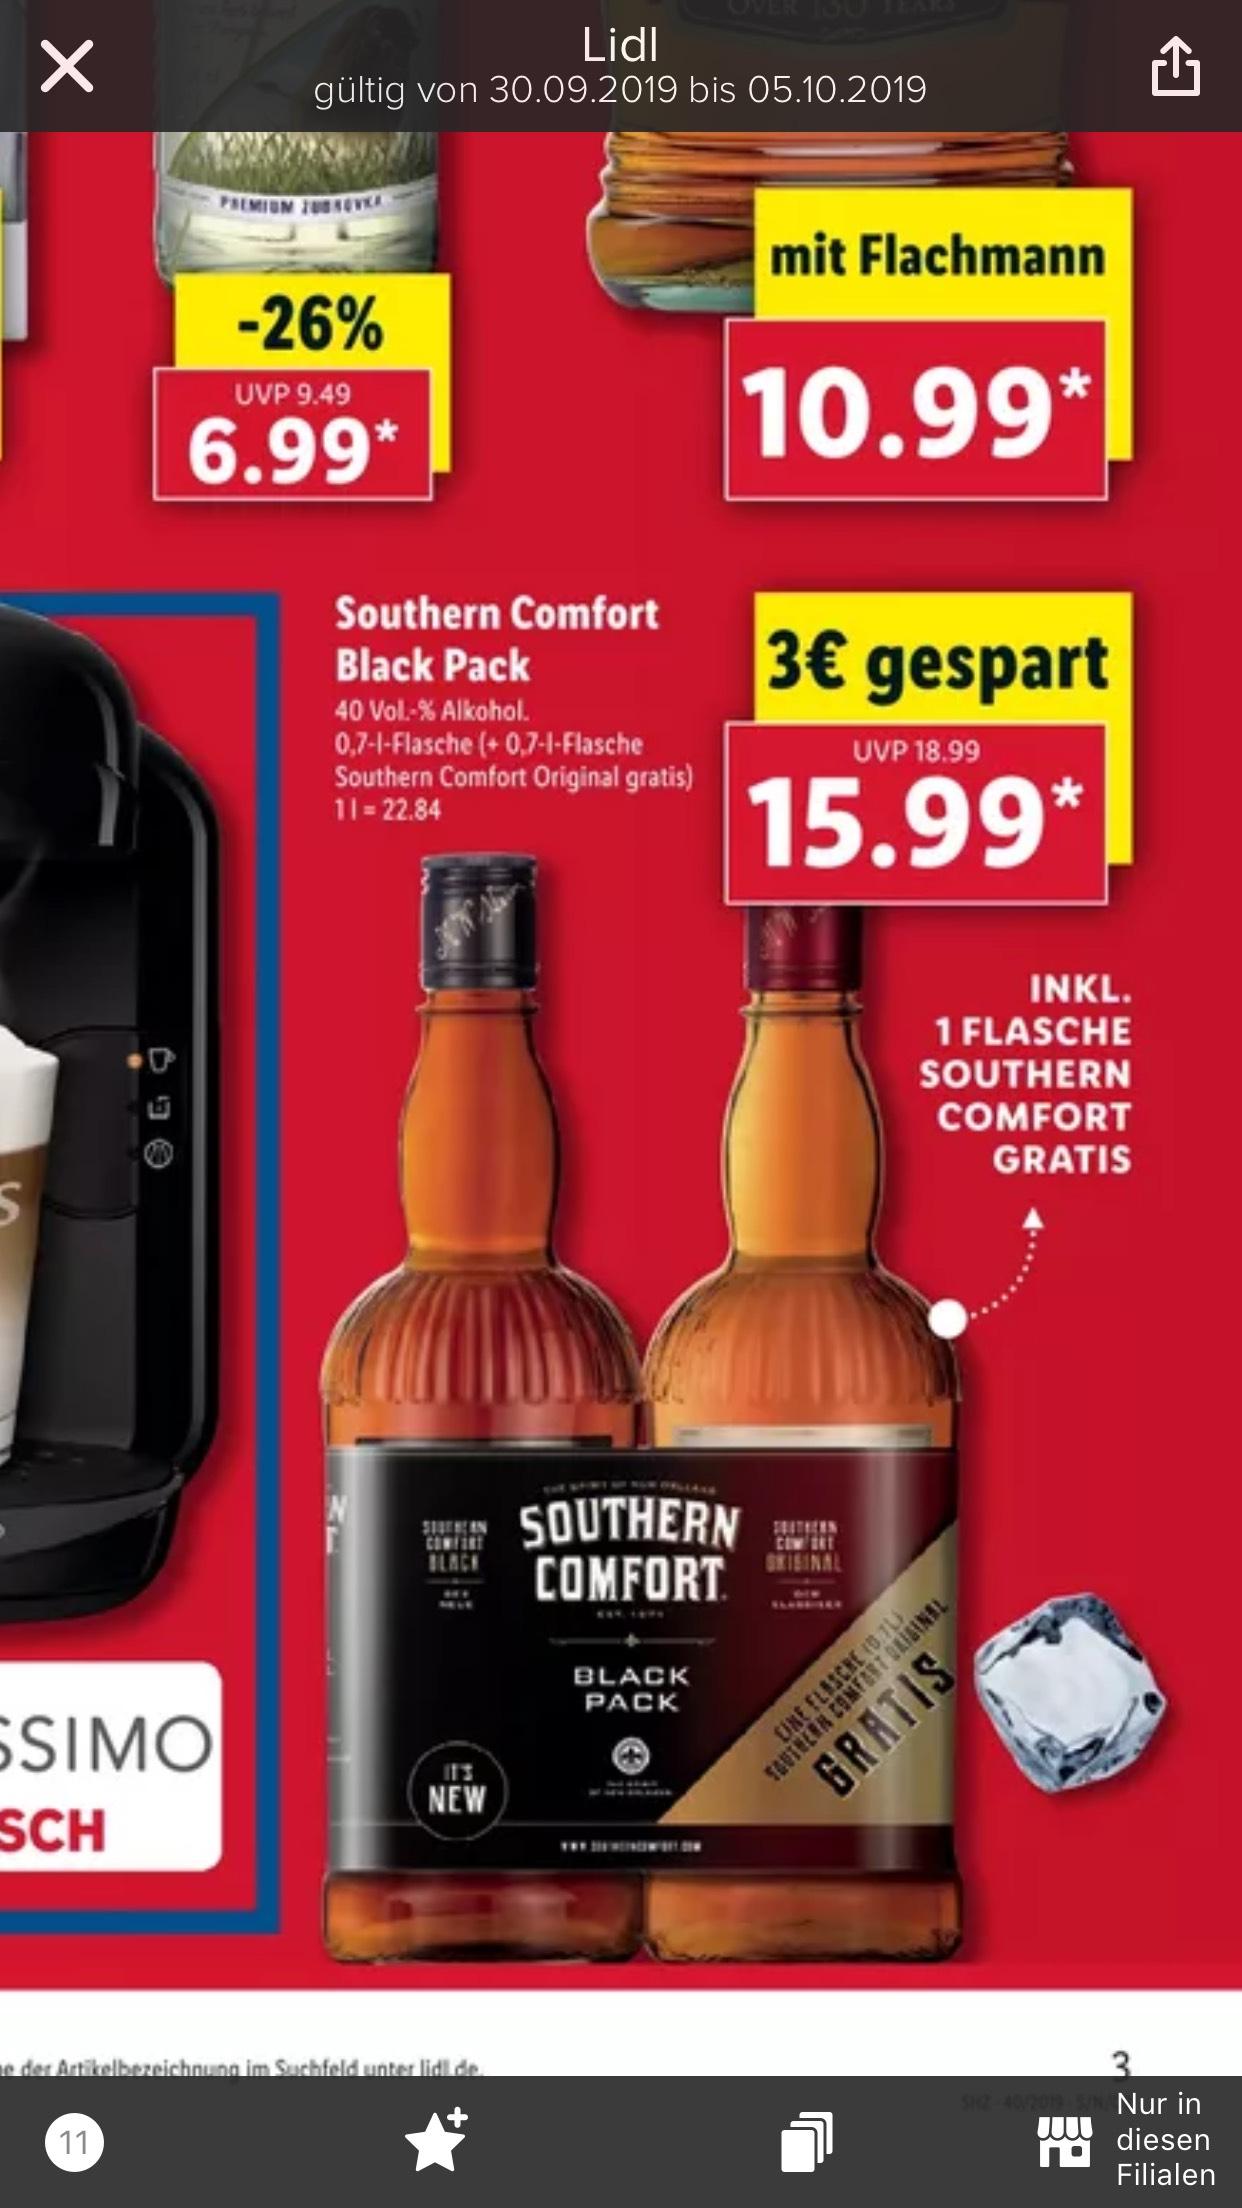 Southern Comfort black pack Grens deal Lidl Duitsland.